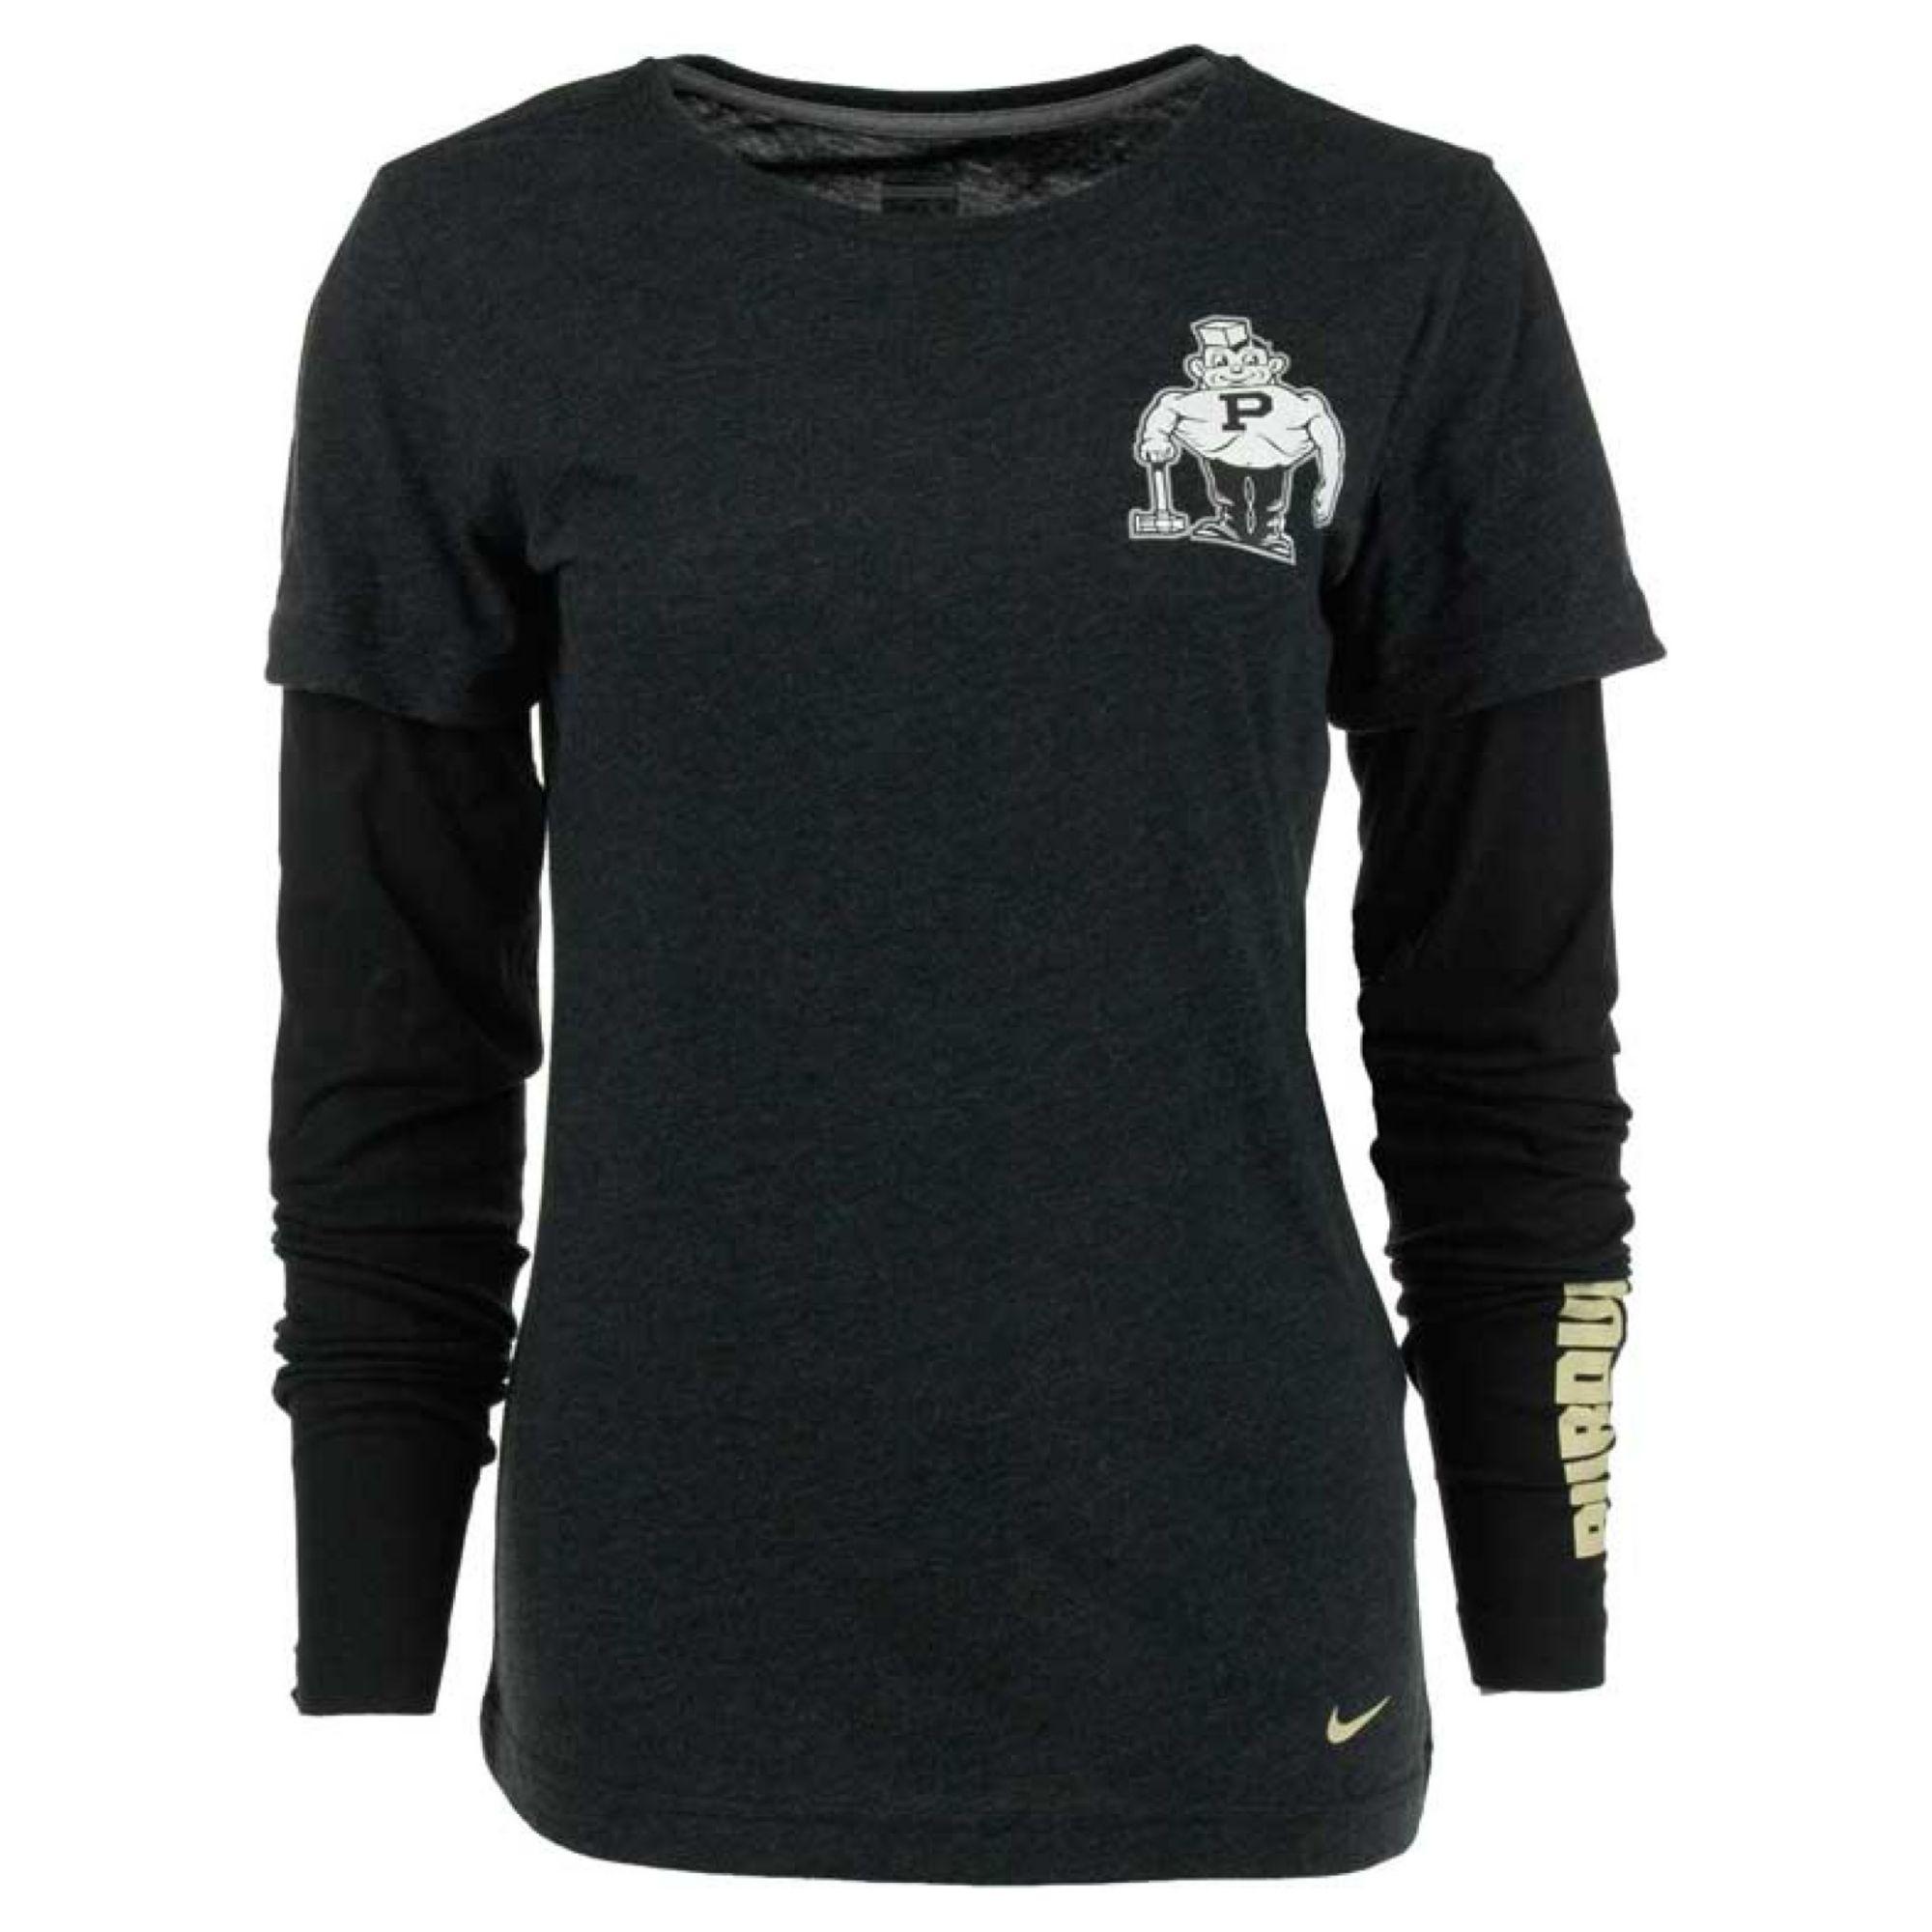 Nike Womens Longsleeve Purdue Boilermakers Layered Tshirt in Black ...